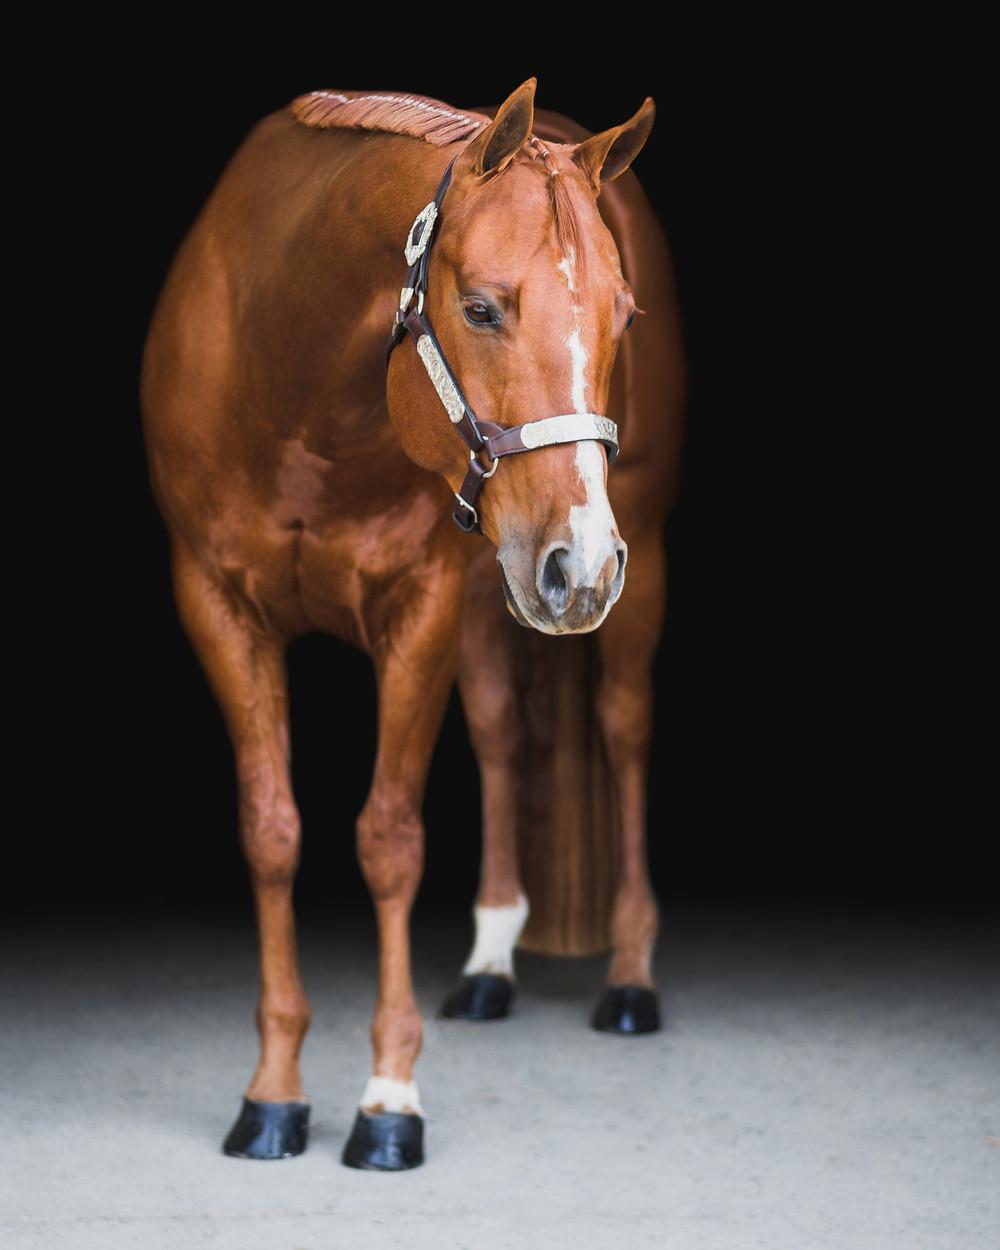 Black background horse photo